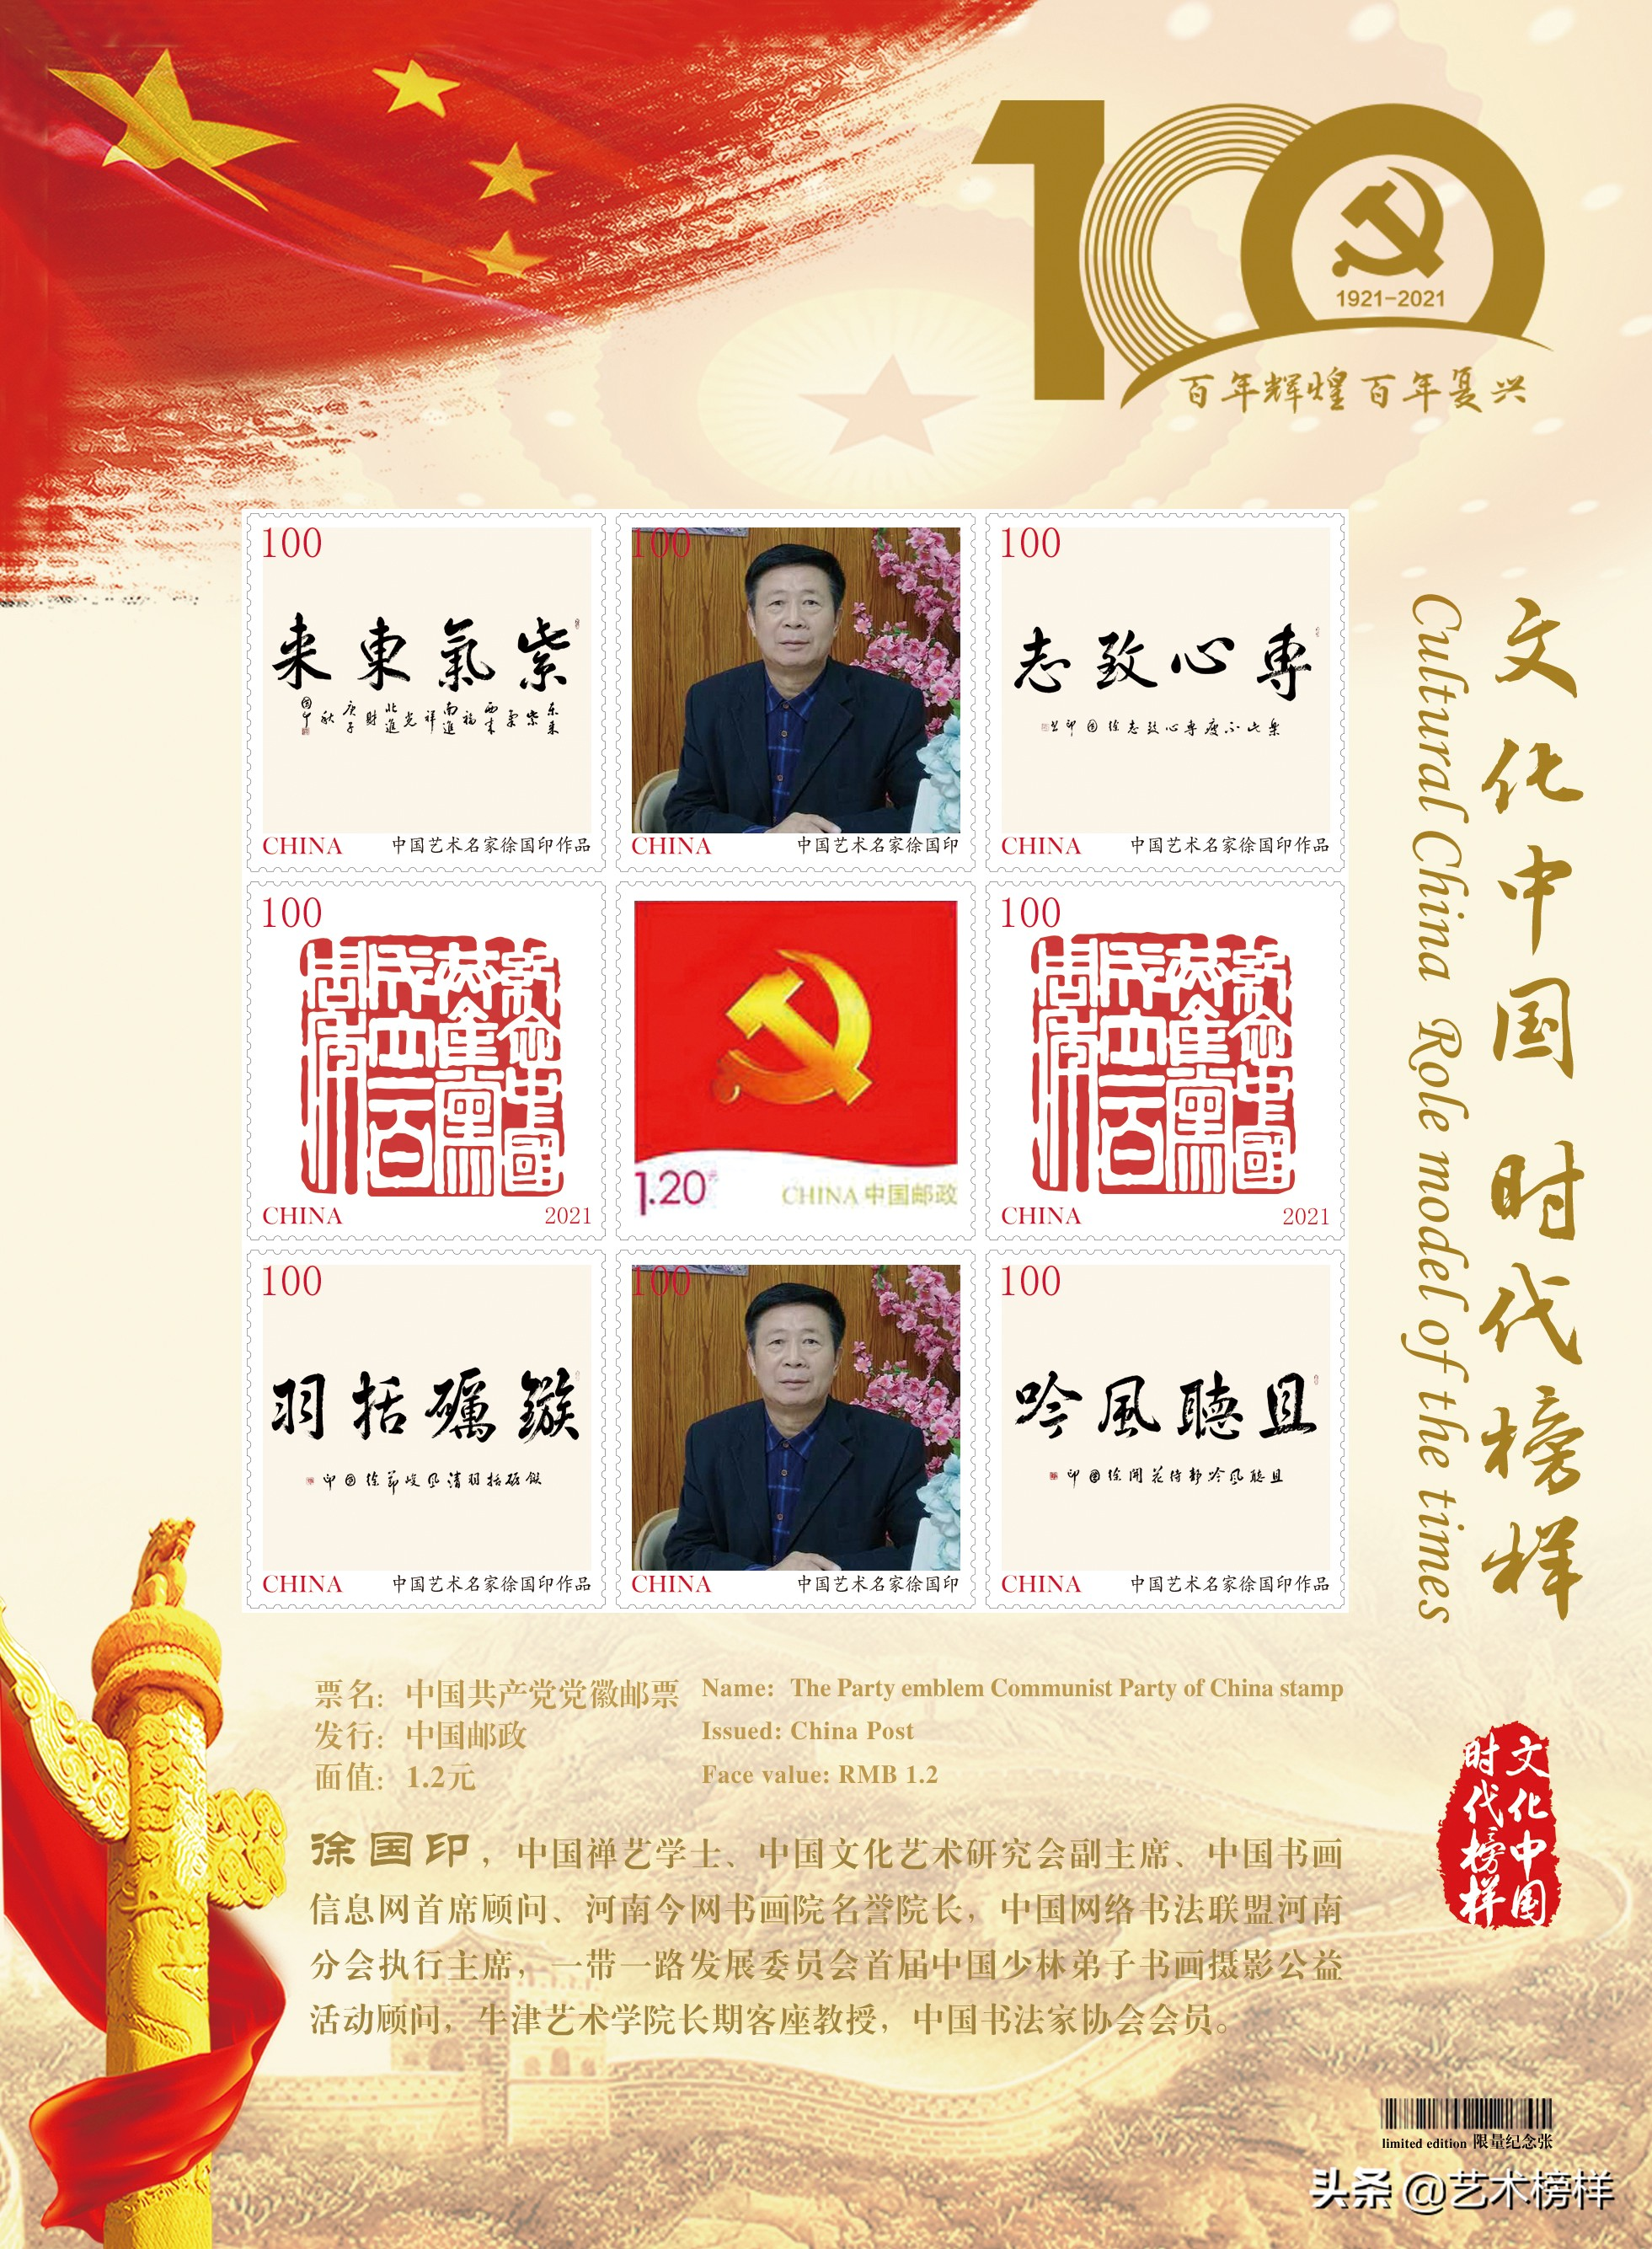 文化中国·时代榜样徐国印系列邮票全球发行